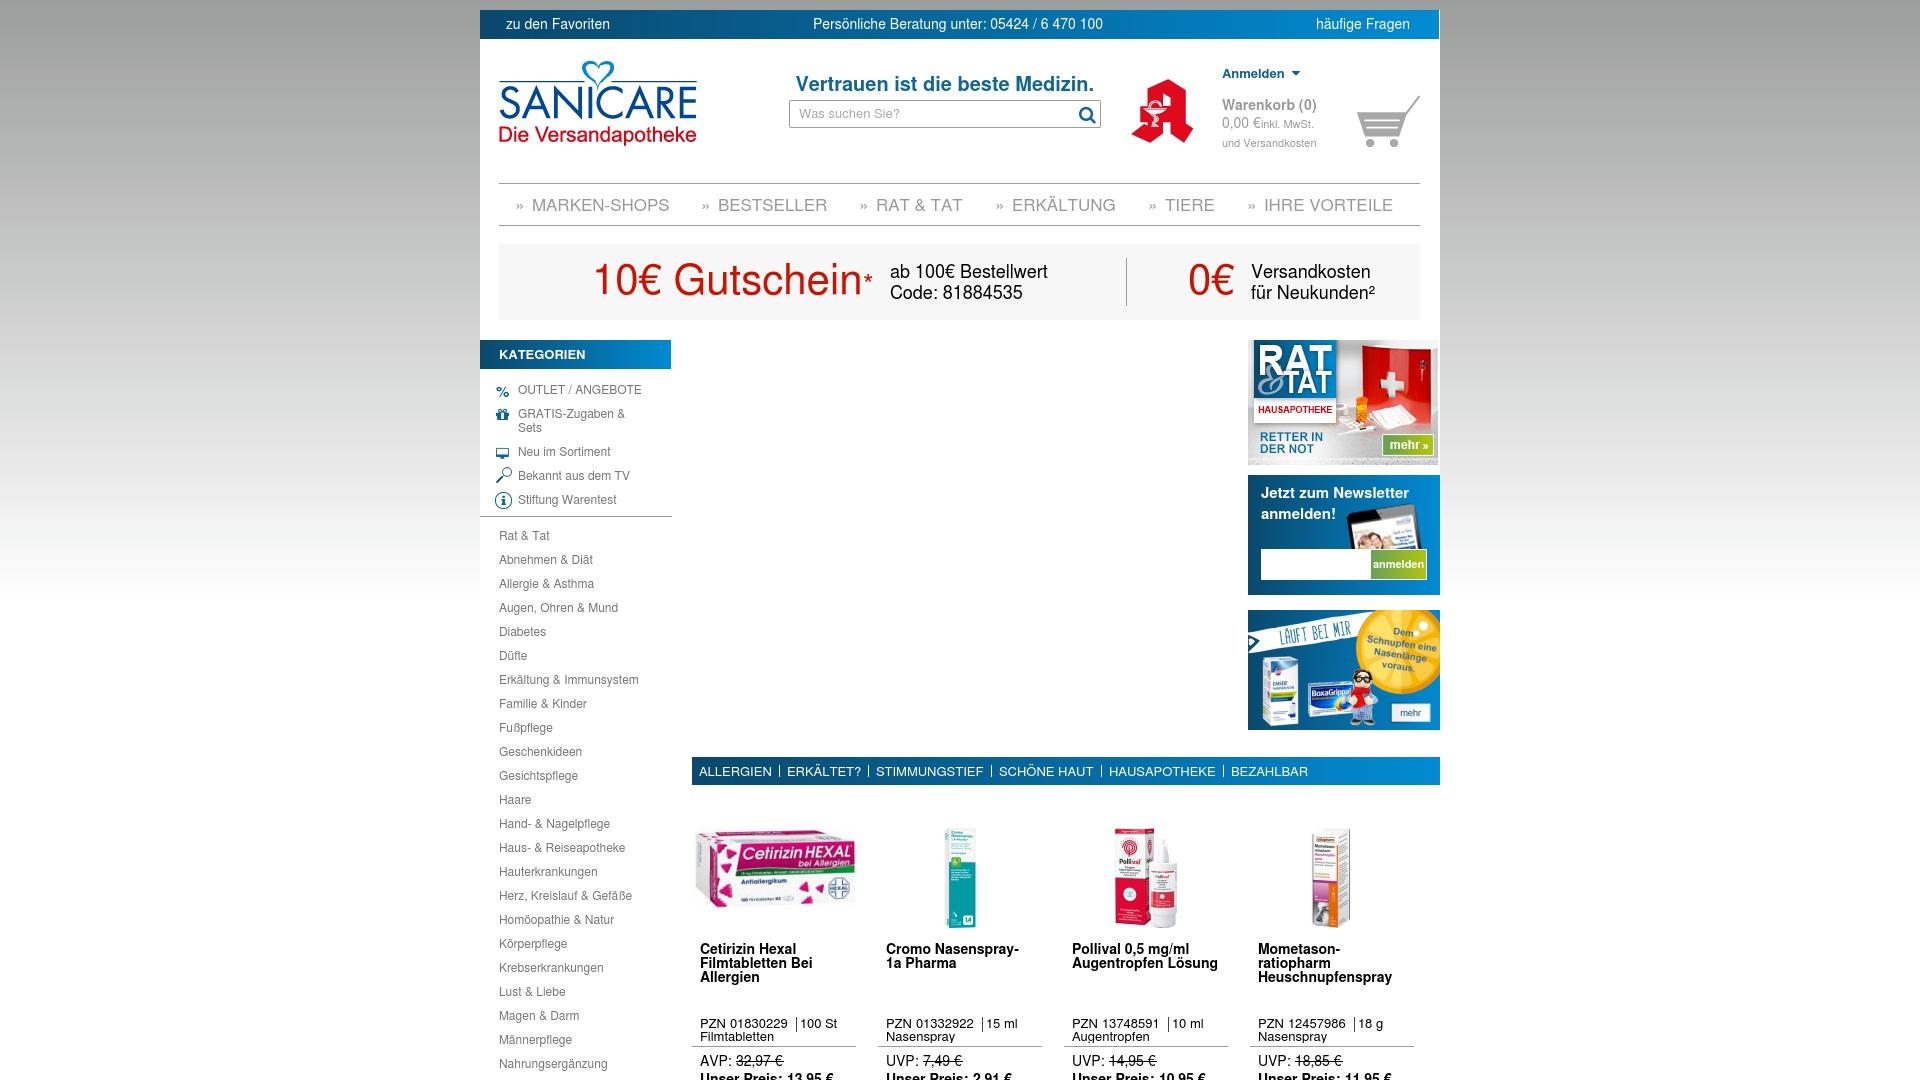 Geld zurück bei Sanicare: Jetzt im Juni 2021 Cashback für Sanicare sichern